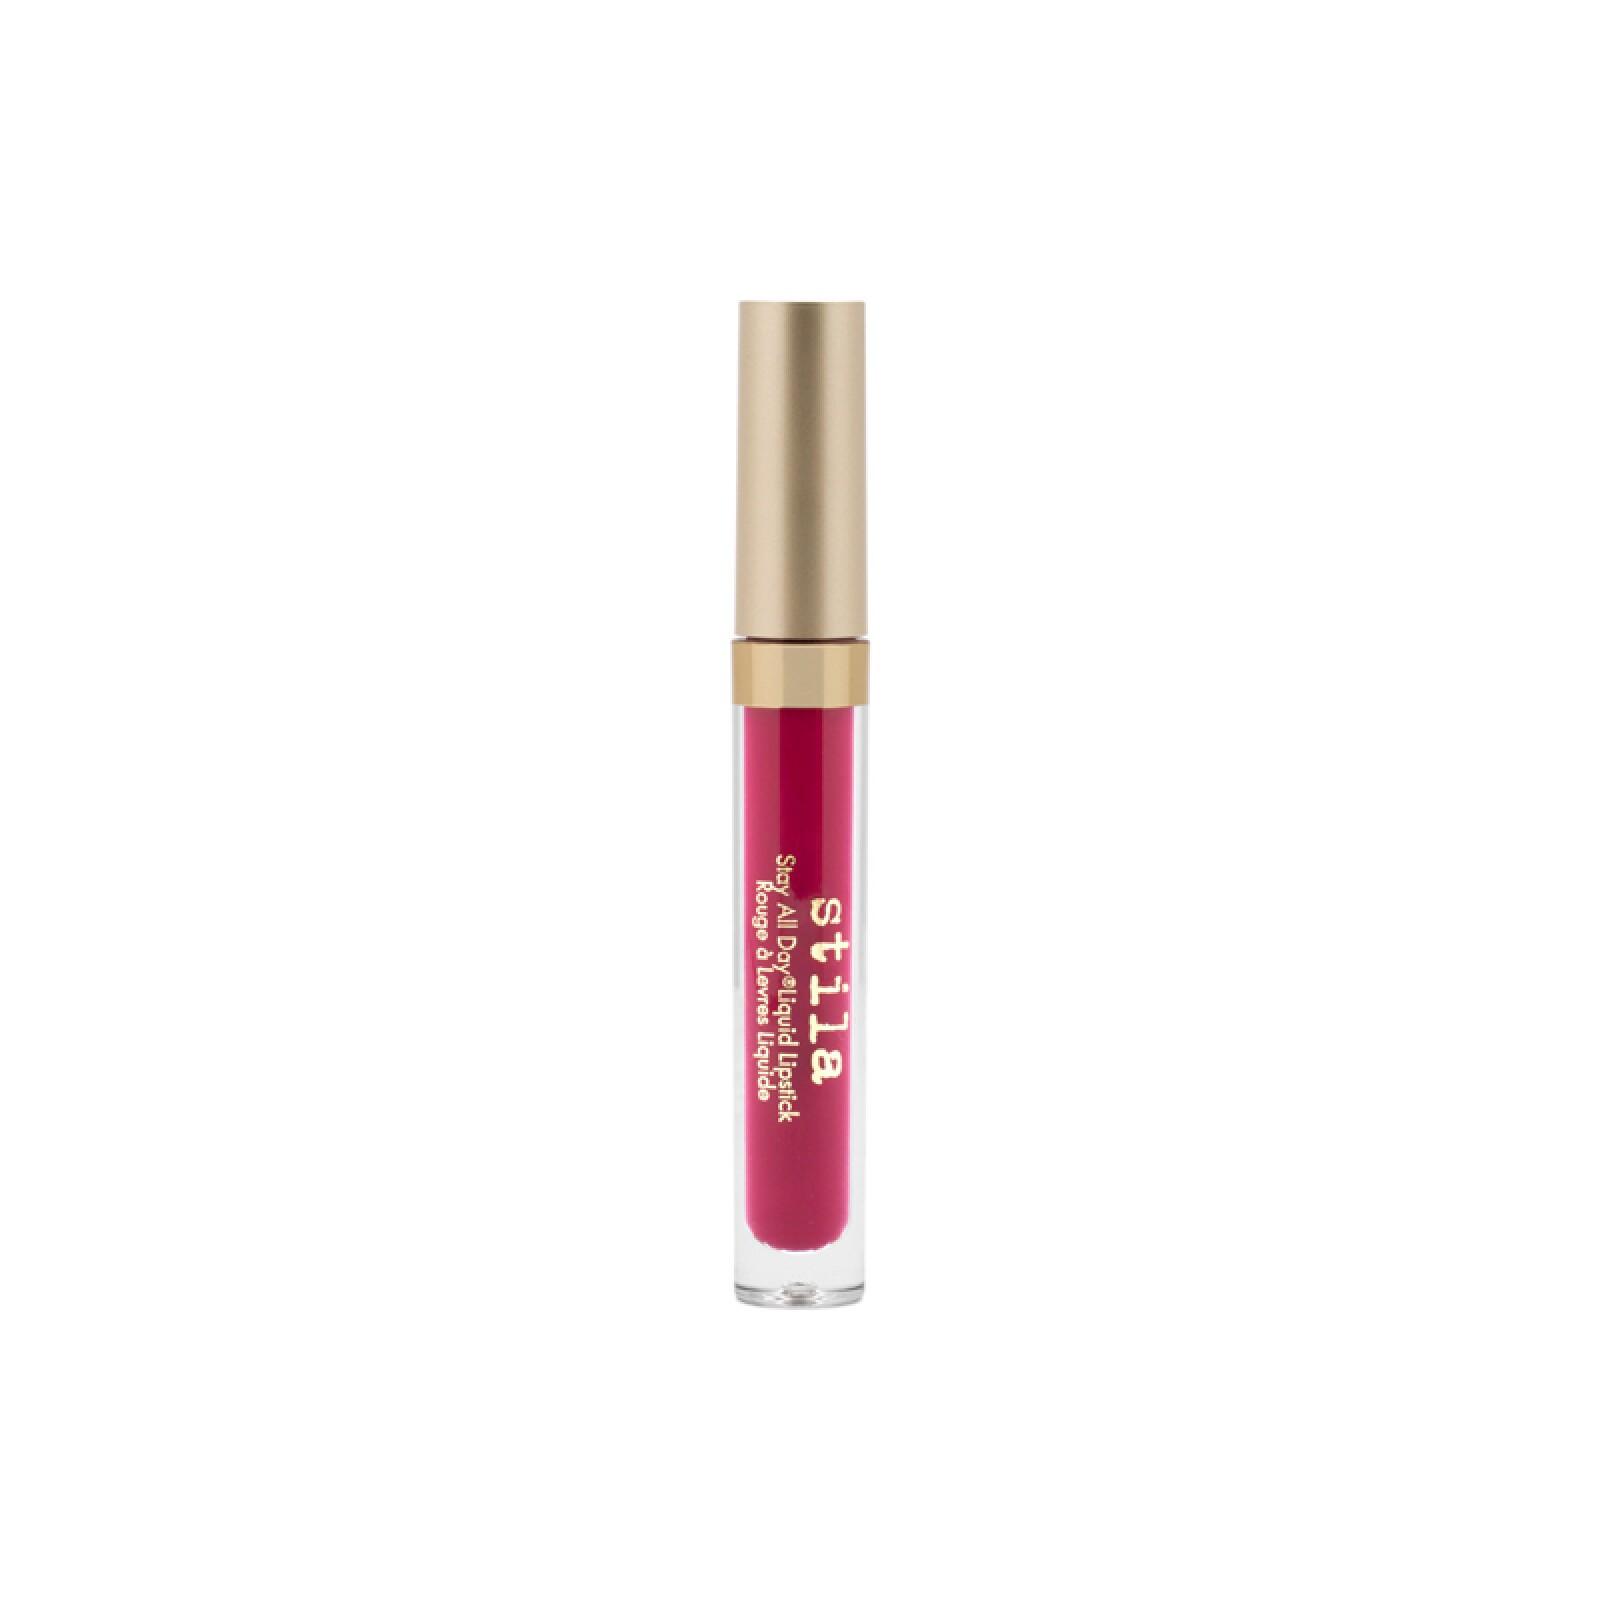 lipstick-barra de labios-labial-barato-maquillaje-stila